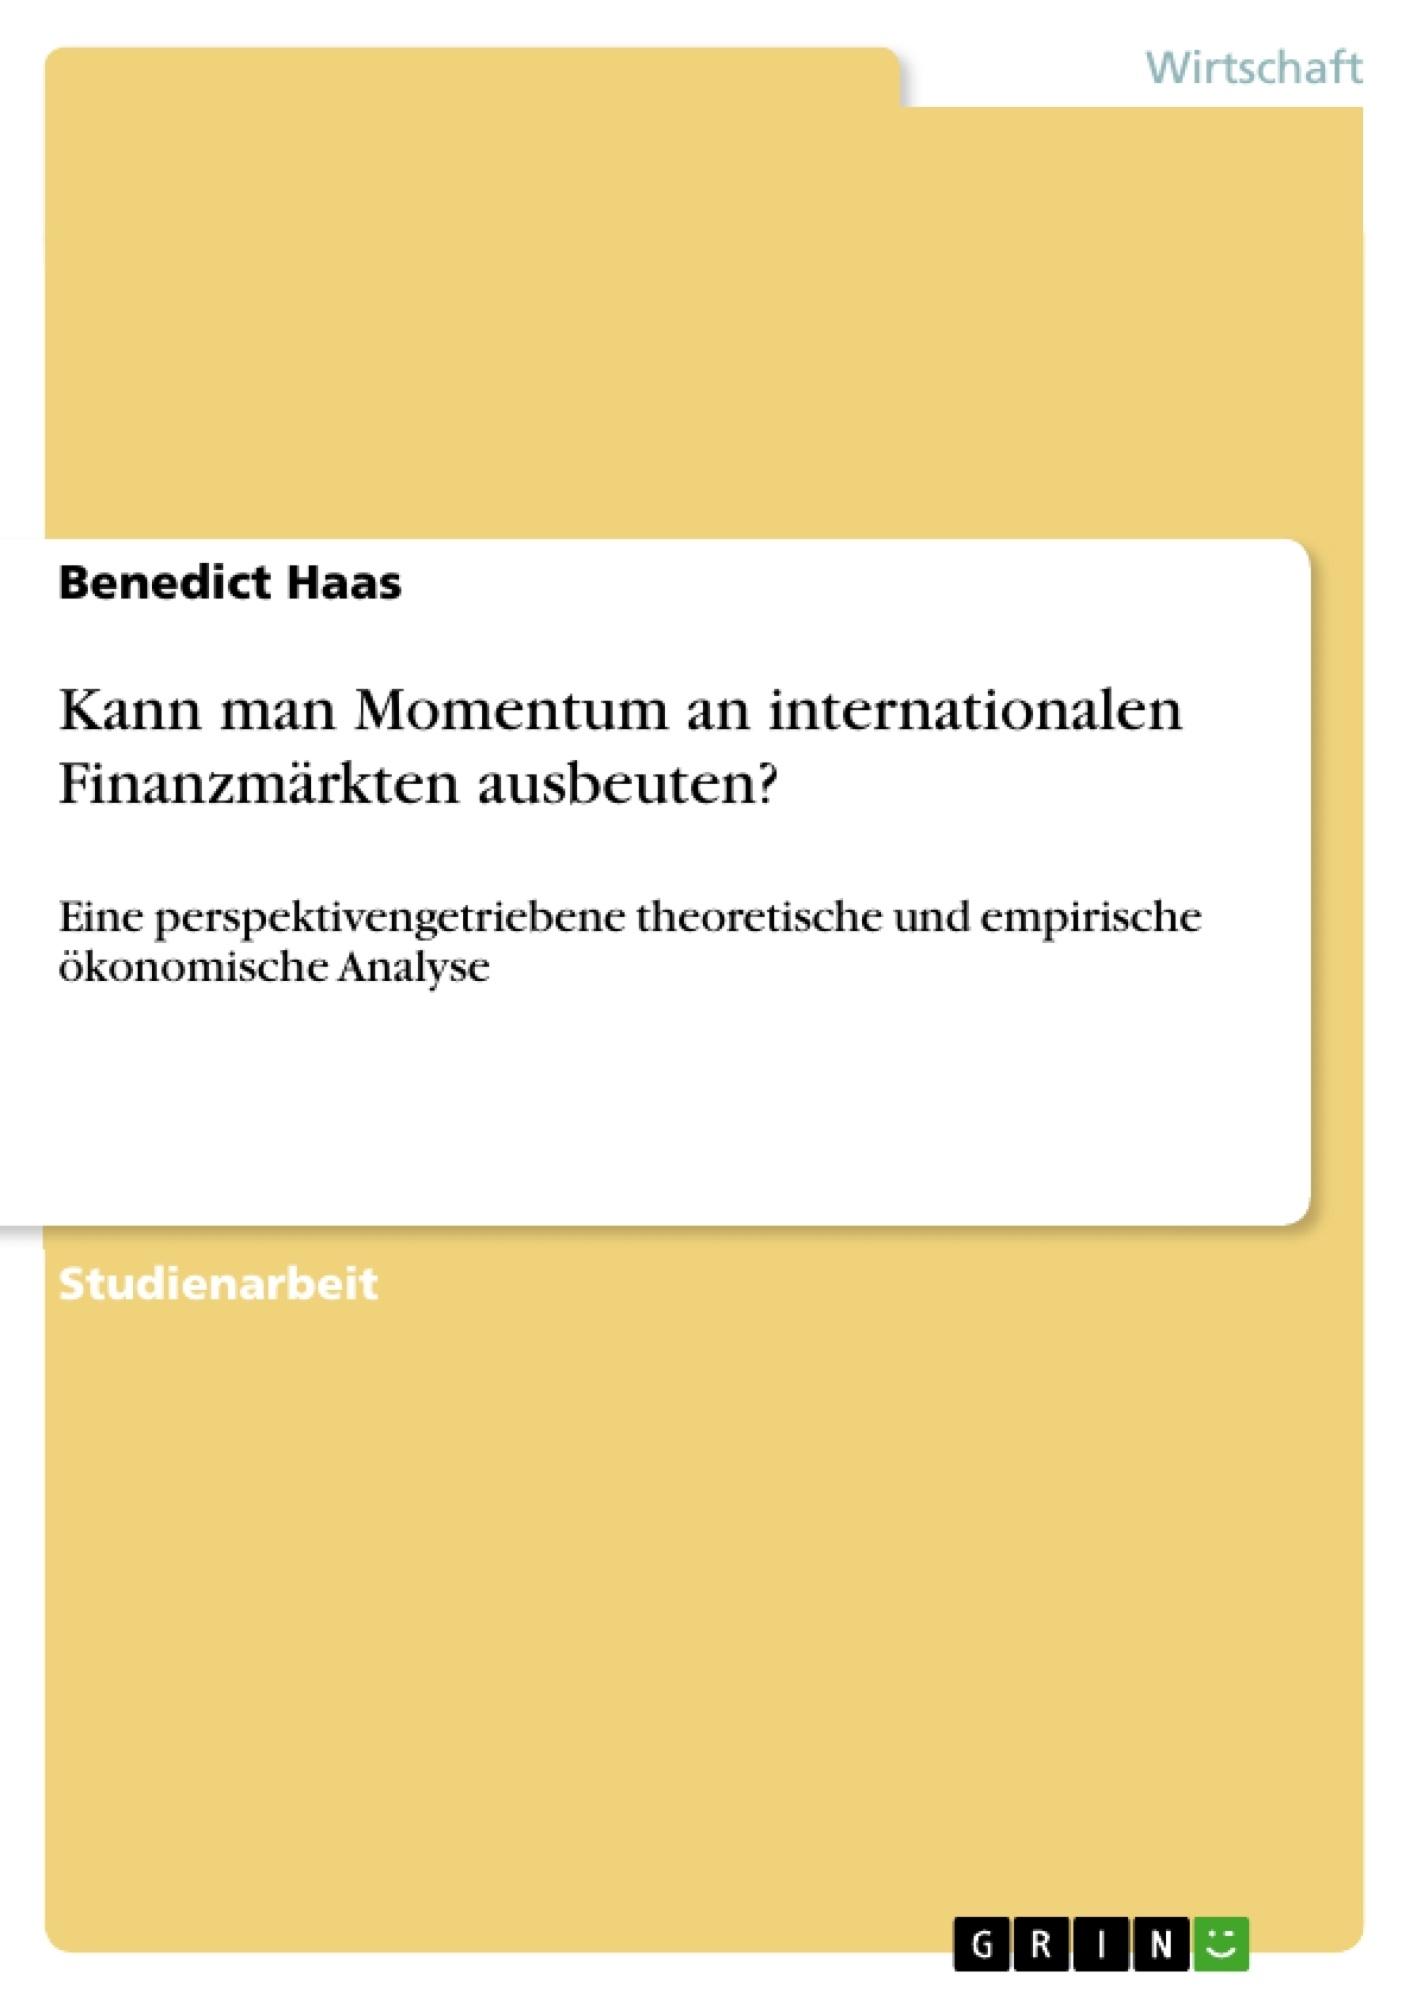 Titel: Kann man Momentum an internationalen Finanzmärkten ausbeuten?